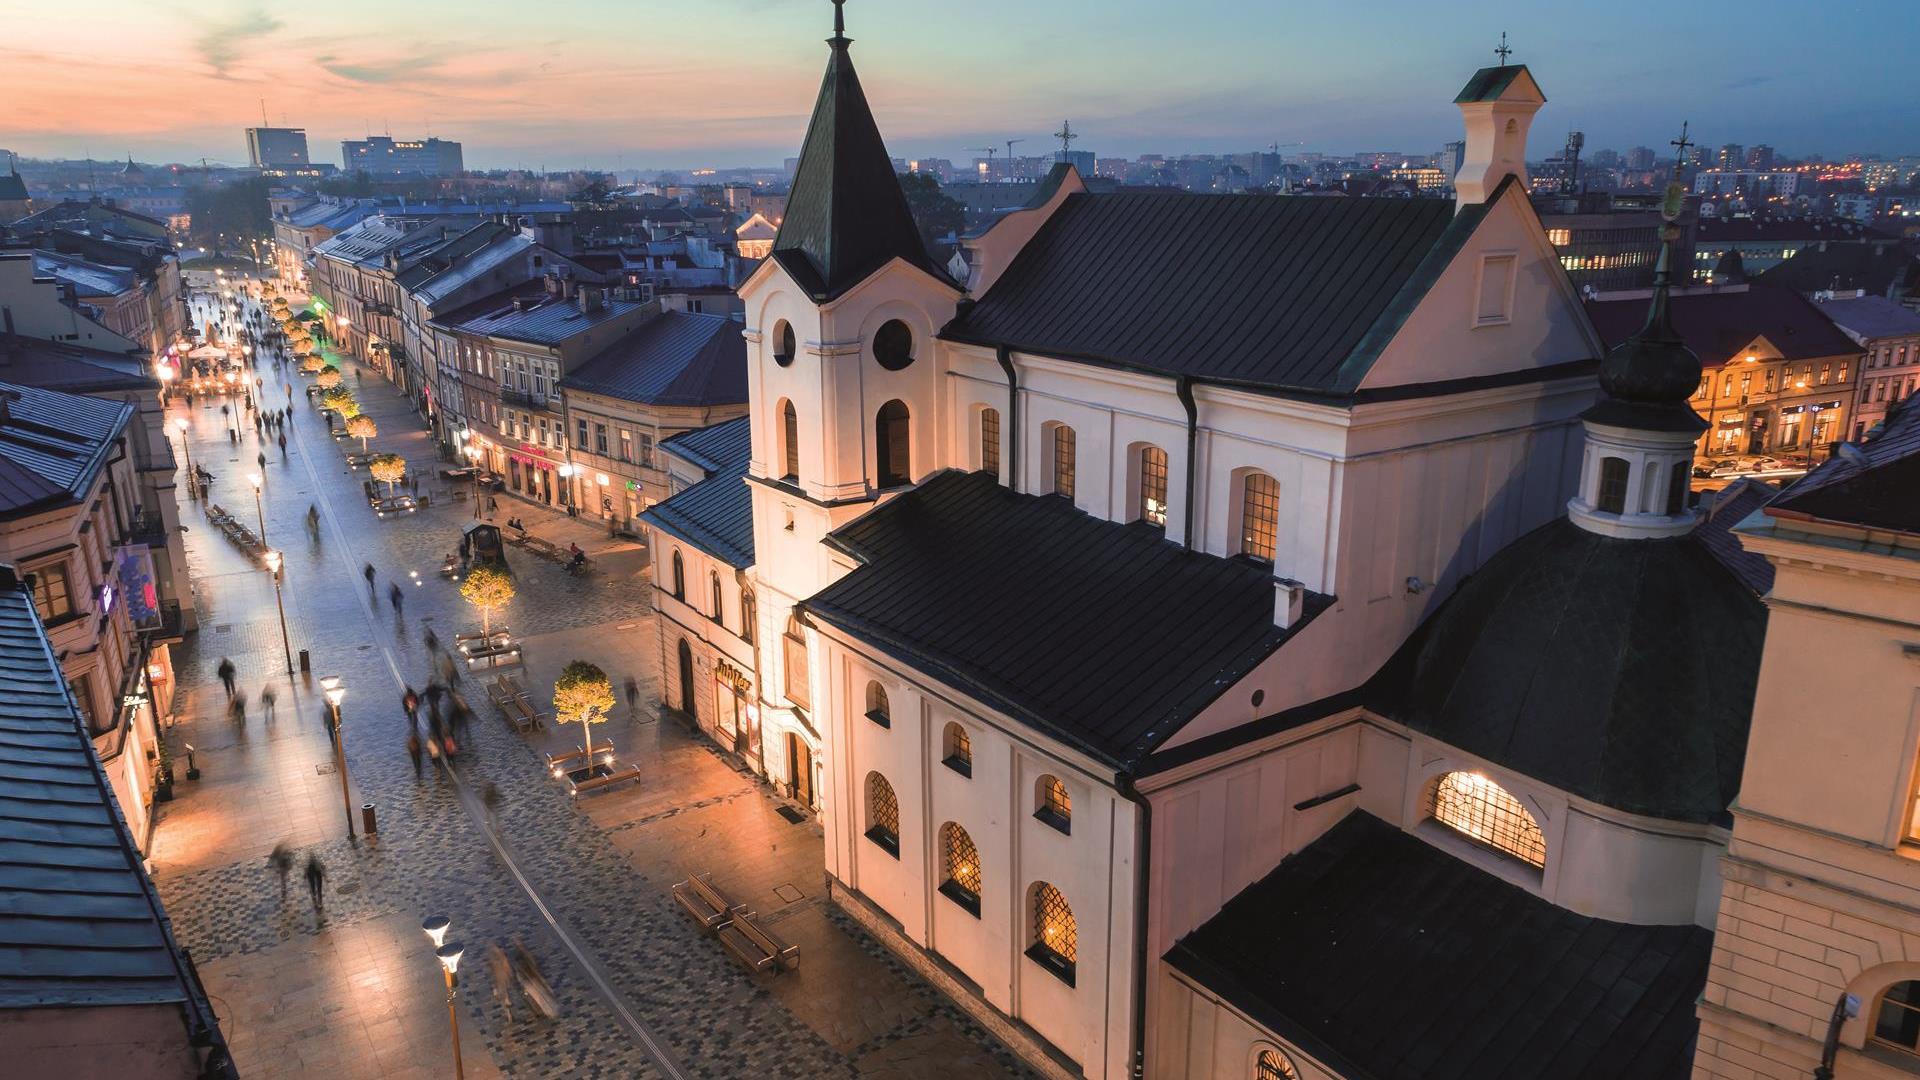 Kościół pw. Świętego Ducha i widok na Krakowskie Przedmieście, z góry